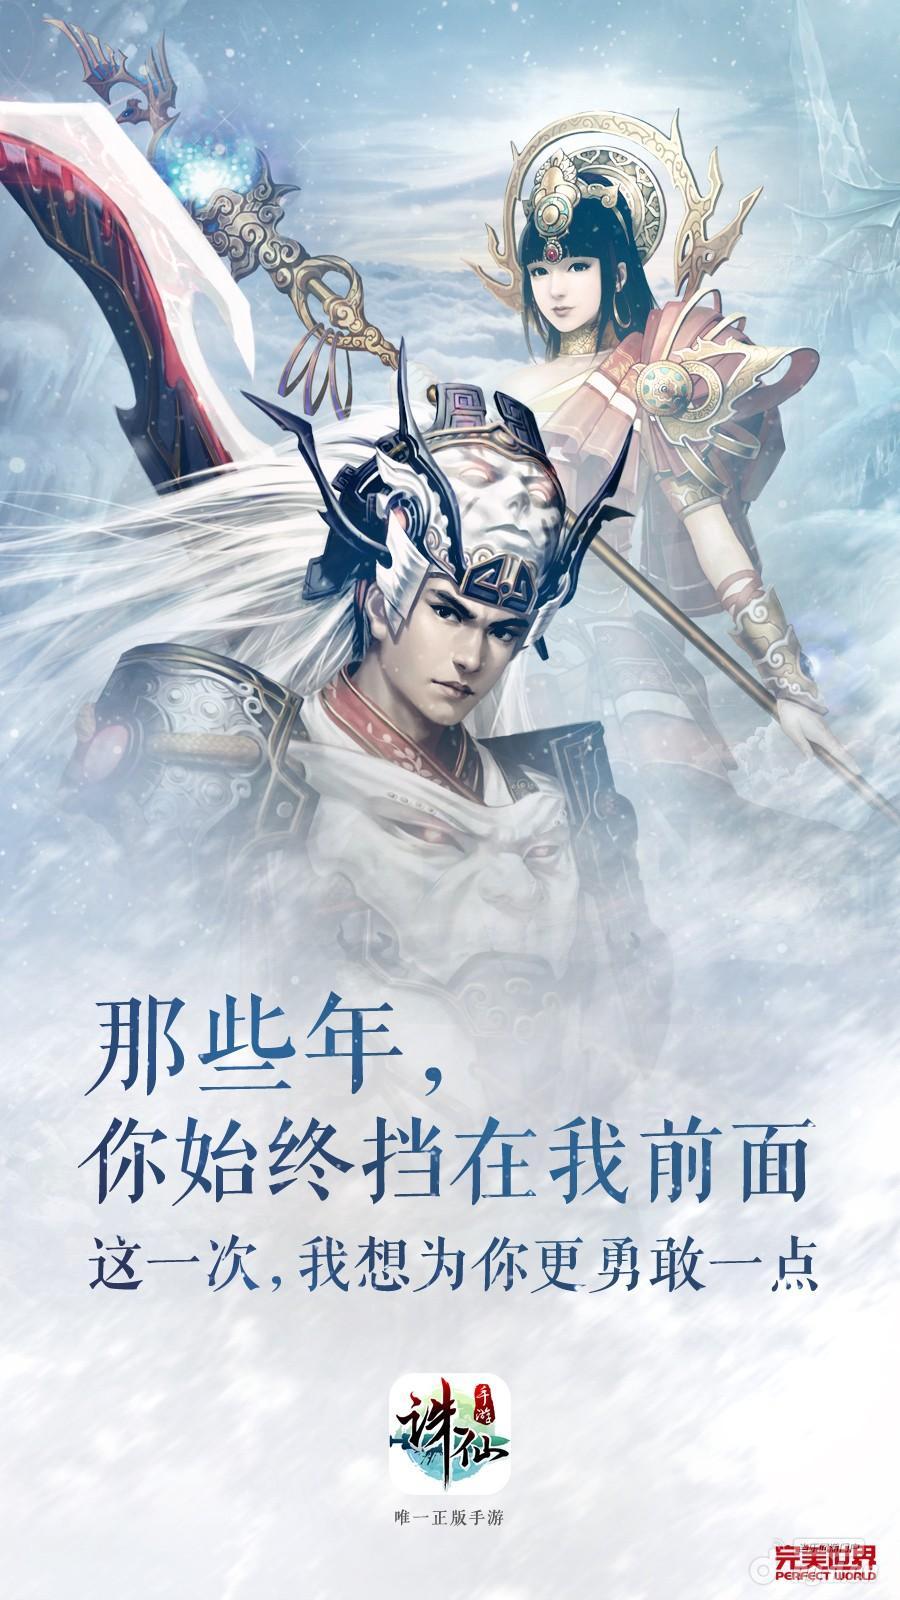 《诛仙手游》中青云,鬼王,天音,合欢四大门派,形象及成长设定完全忠实